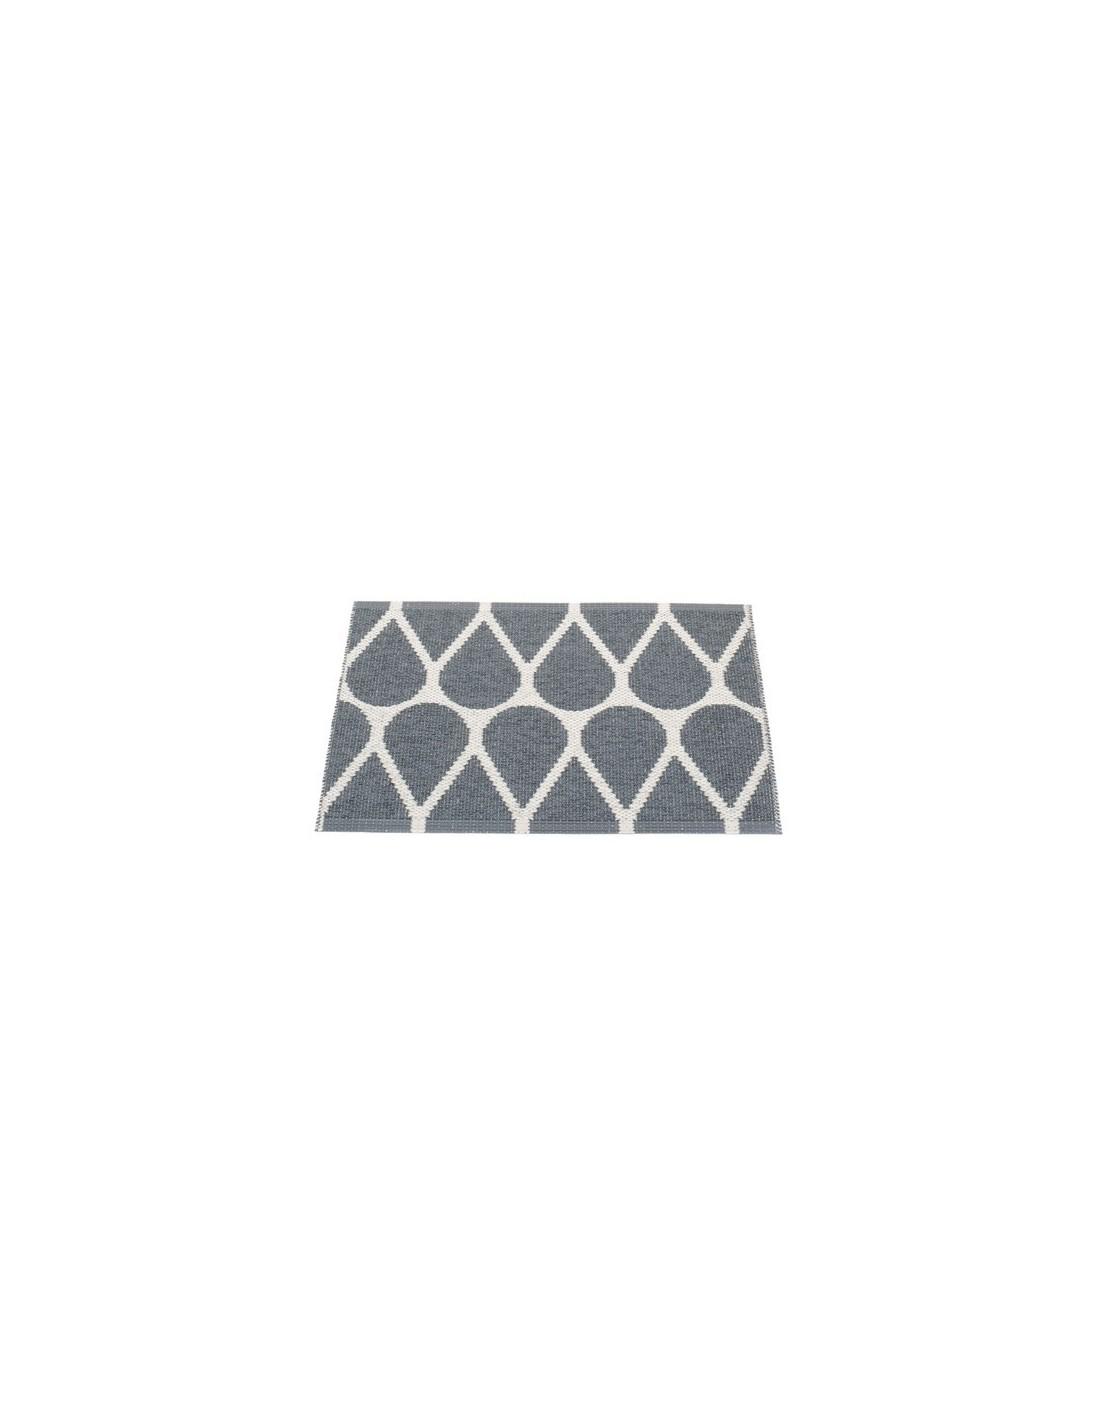 Otis Granite Thickness 5 mm/0.2